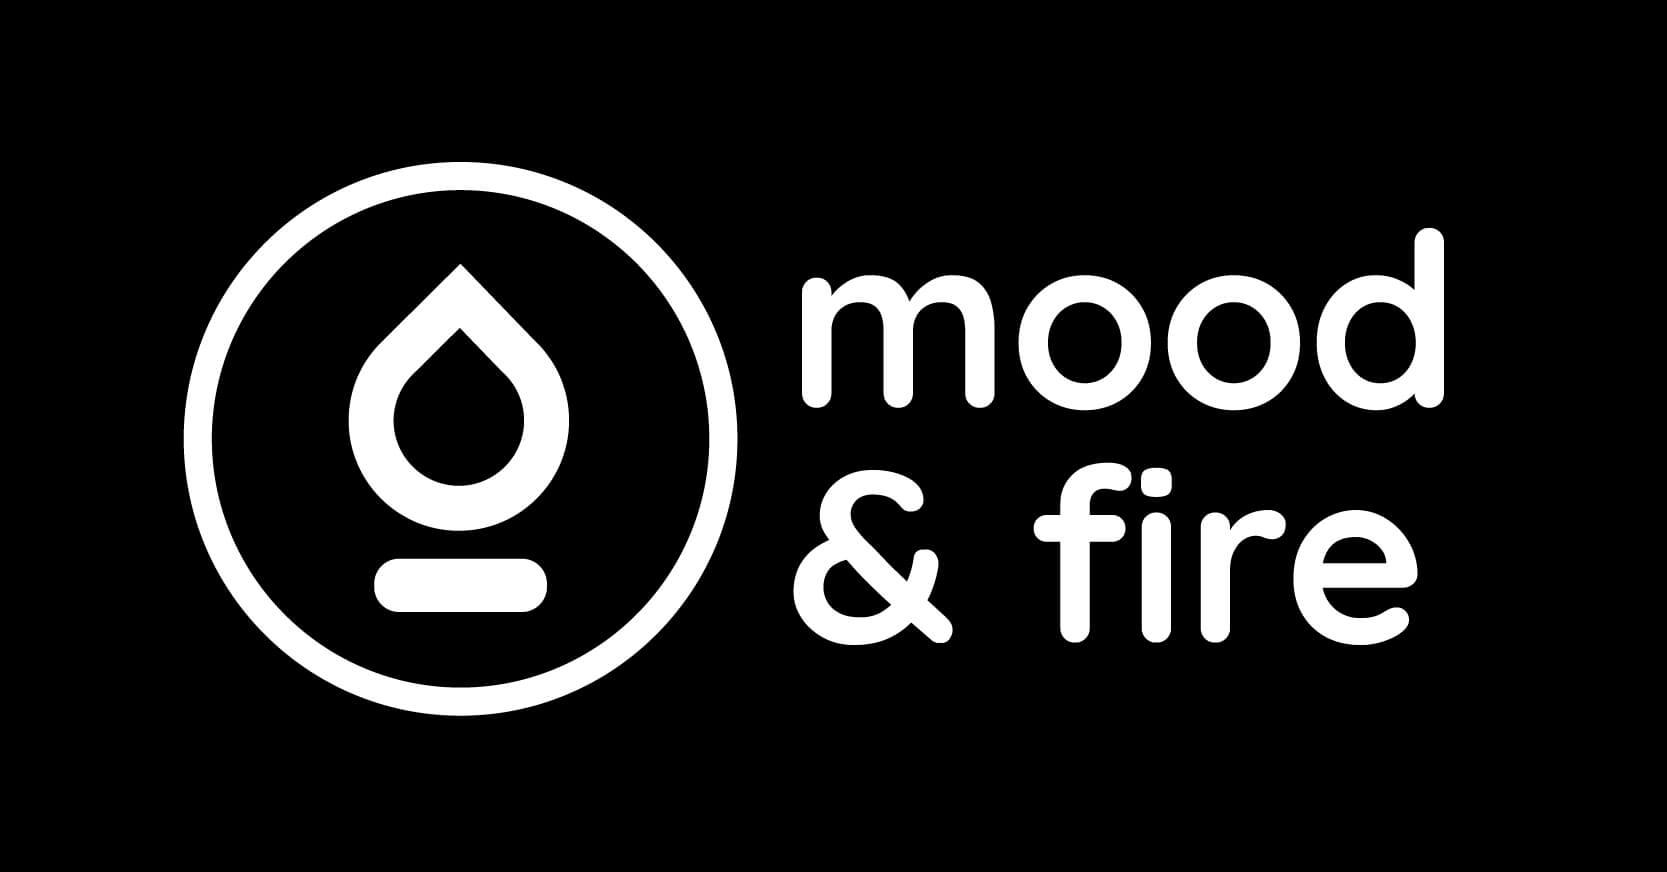 Mood&Fire